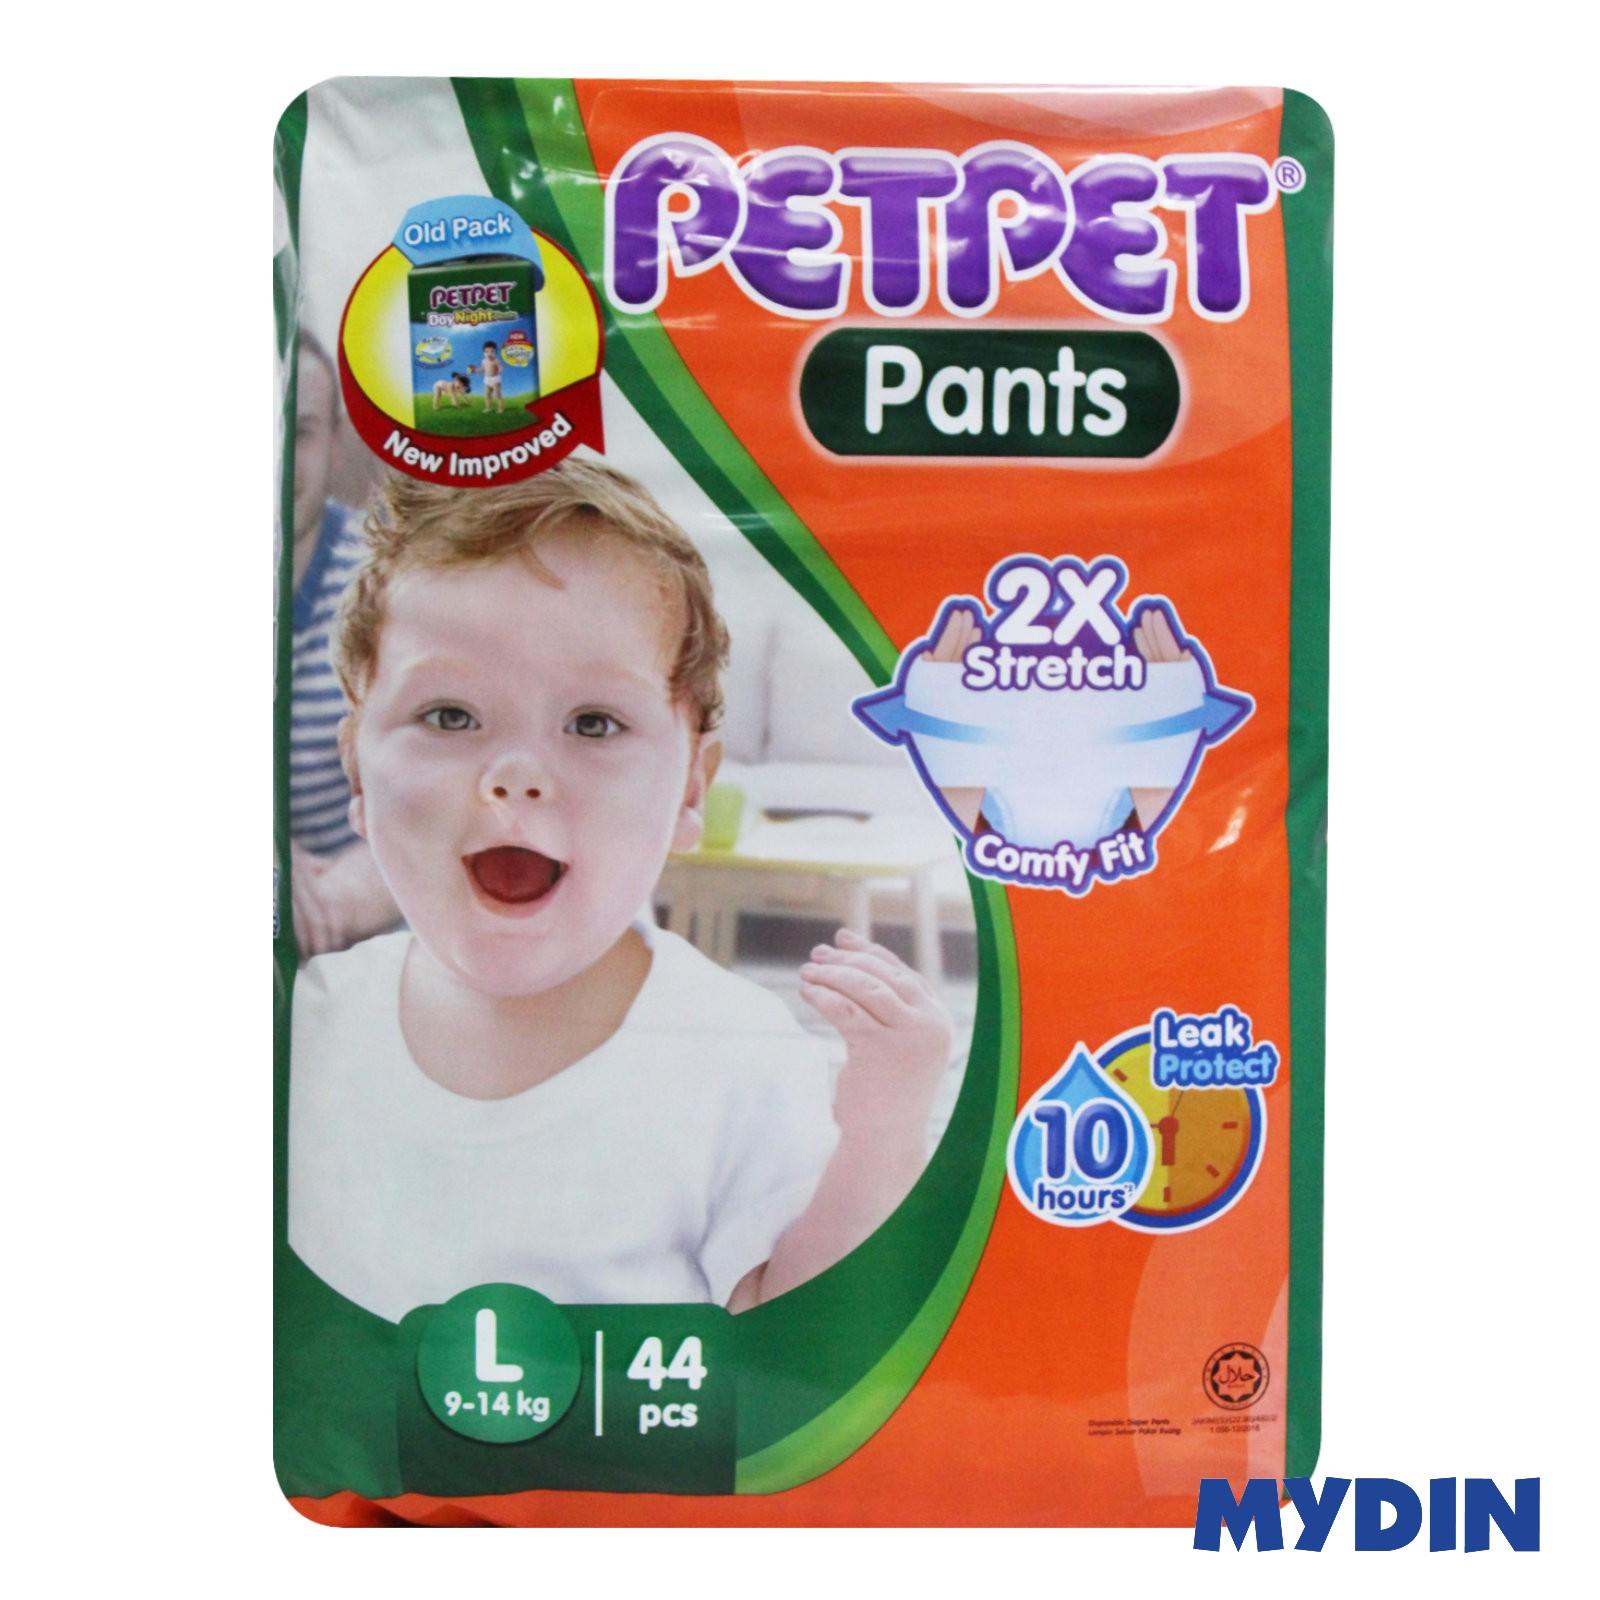 Pet Pet Pants Jumbo L (44pcs)